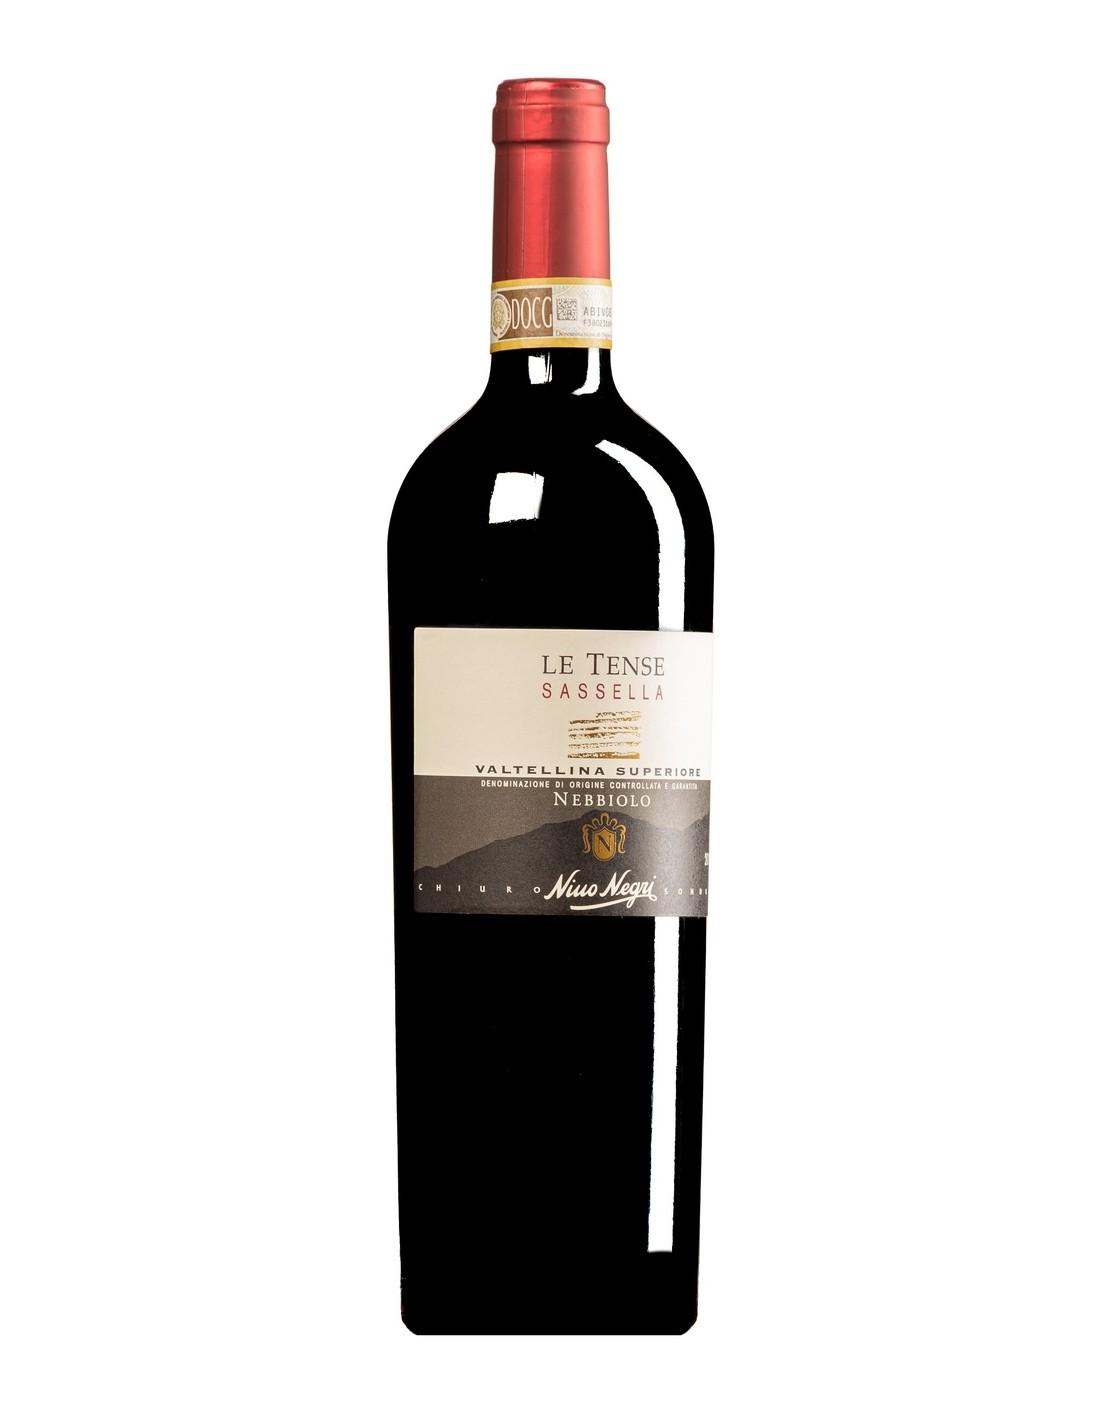 Vin rosu, Nebbiolo, Nino Negri La Tense Sassella Valtellina Superiore, 13.5% alc., 0.75L, Italia